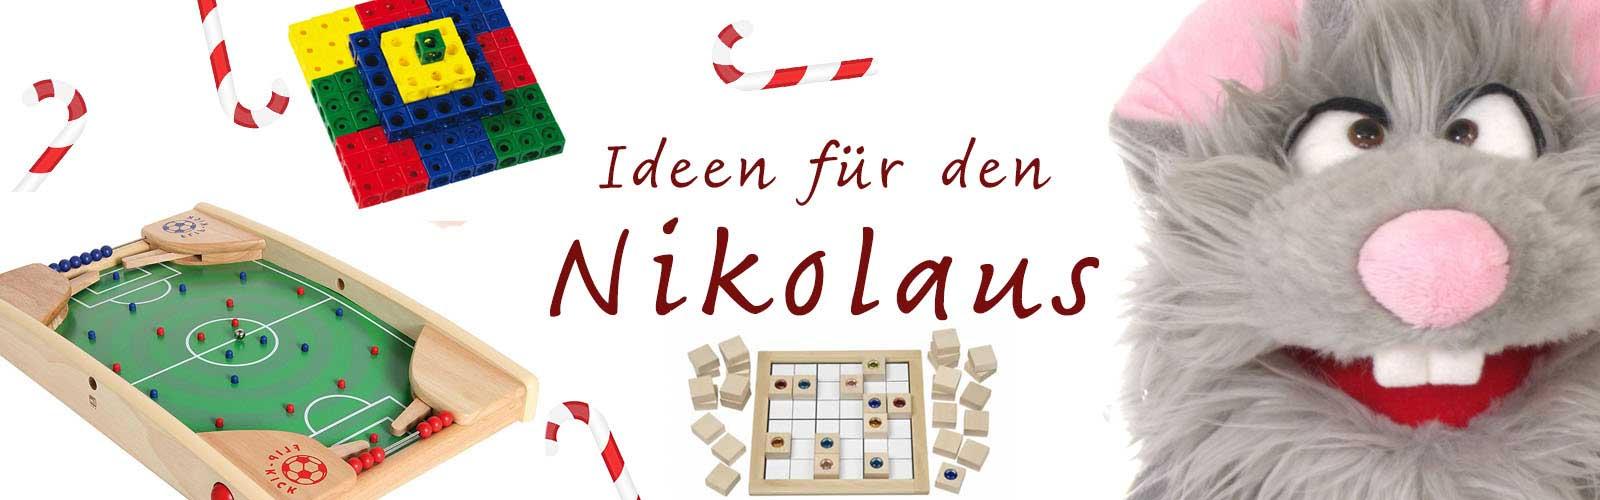 0 bt - Ideen für den Nikolaus